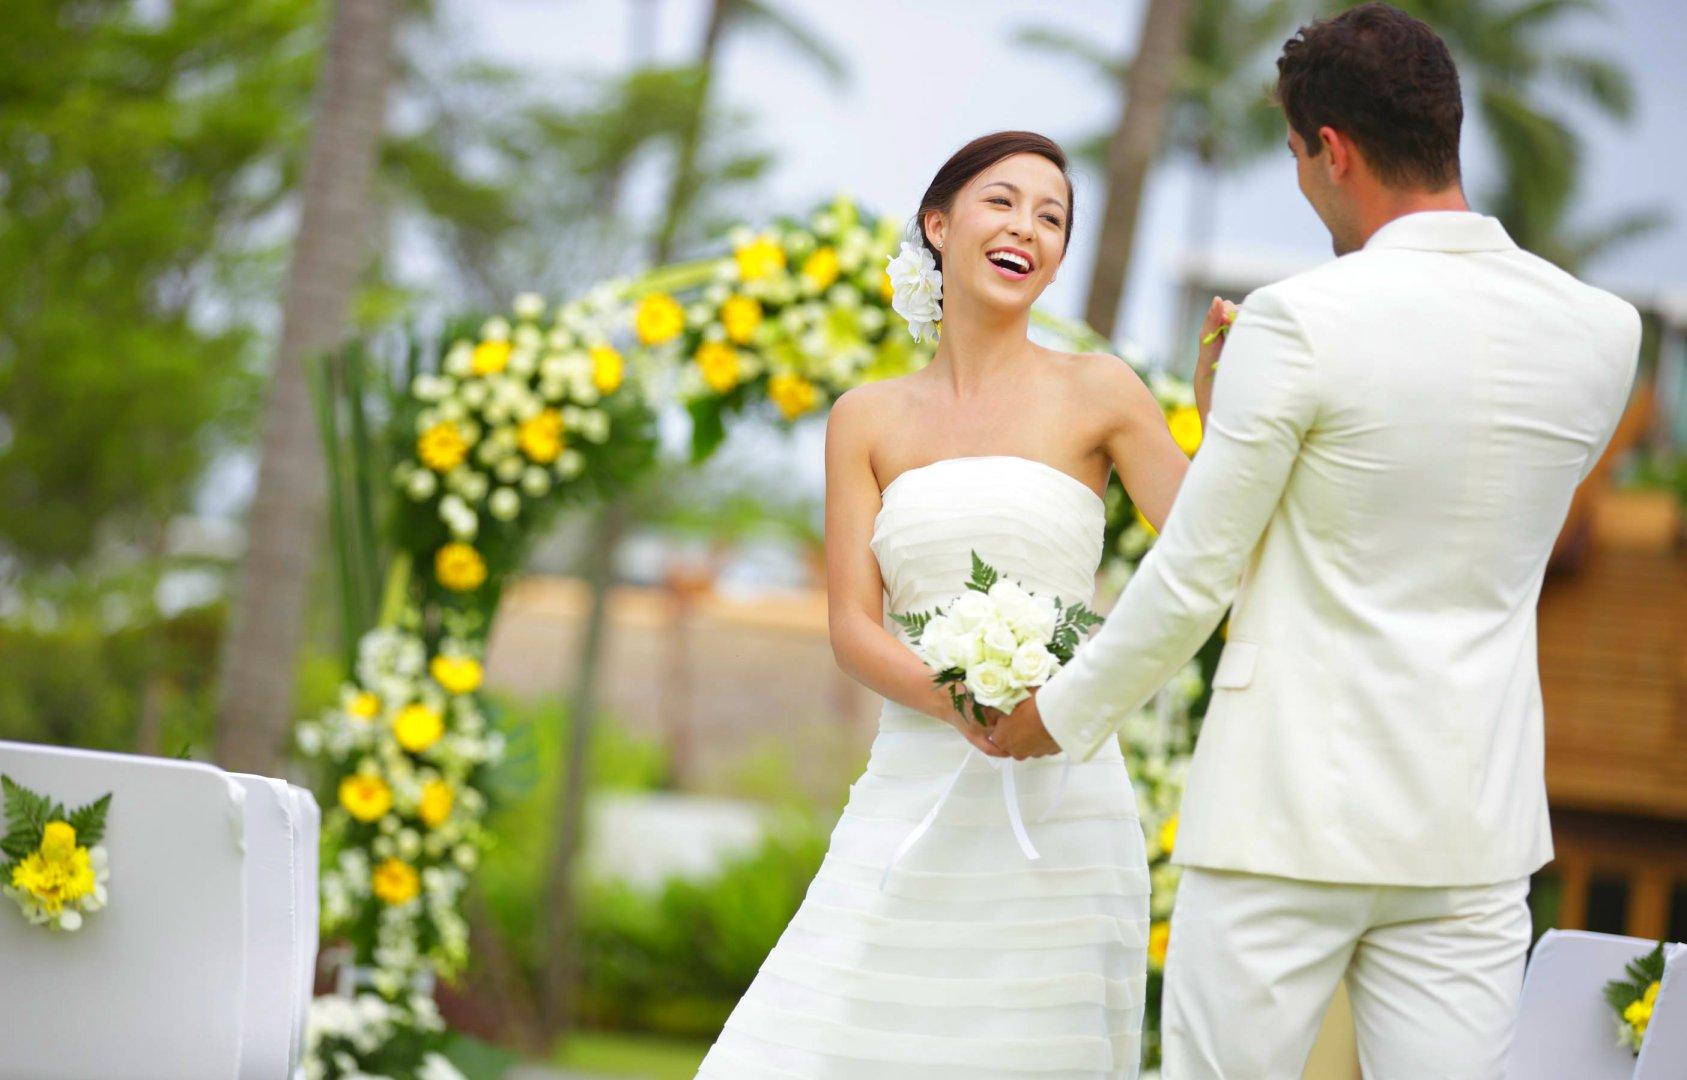 Свадьба, жених, невеста,платье, подарок на свадьбу, выварка, полезные вещи